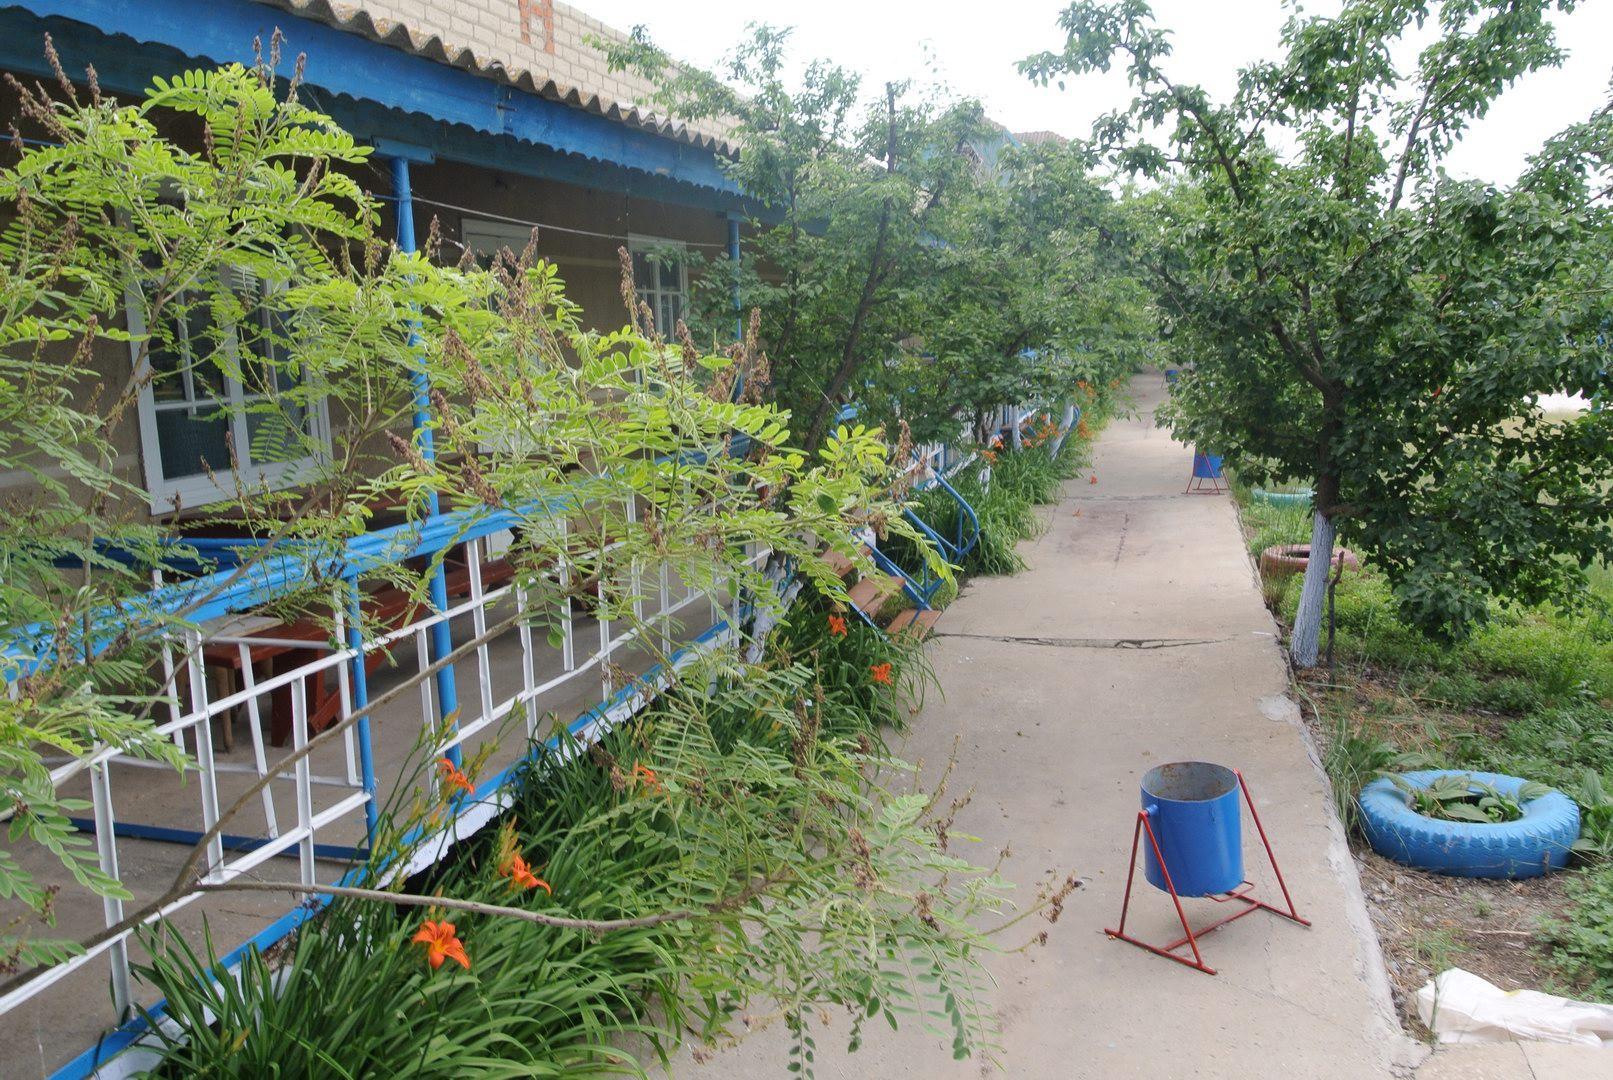 База отдыха Камчия курорт Рассейка. Фото № 7544 rasseika_bo_kamchija_16